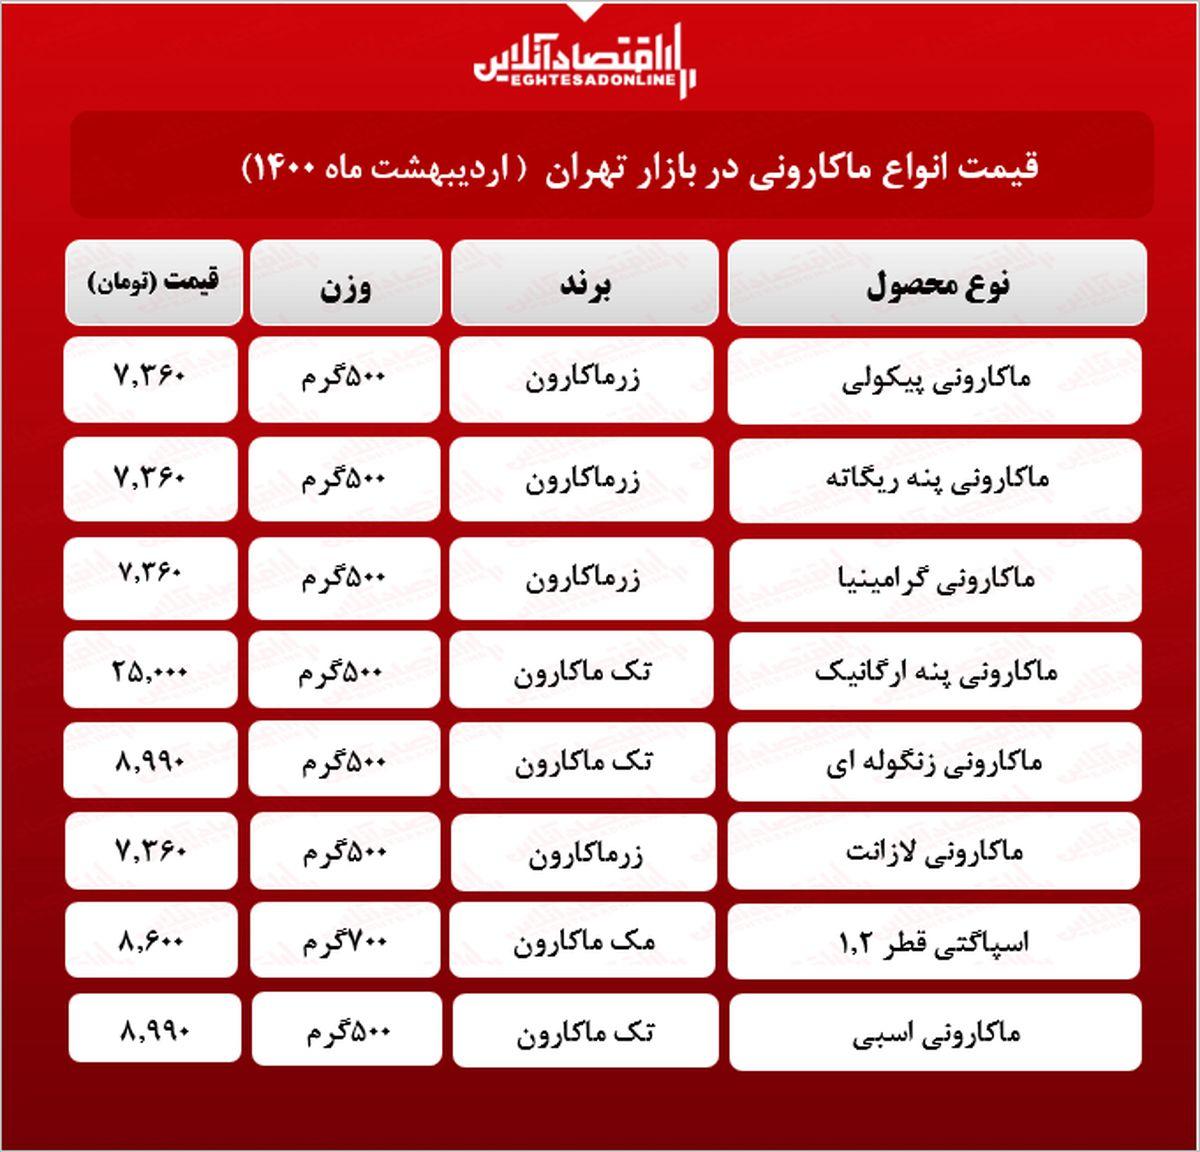 قیمت جدید ماکارونی در بازار (اردیبهشت۱۴۰۰) + جدول